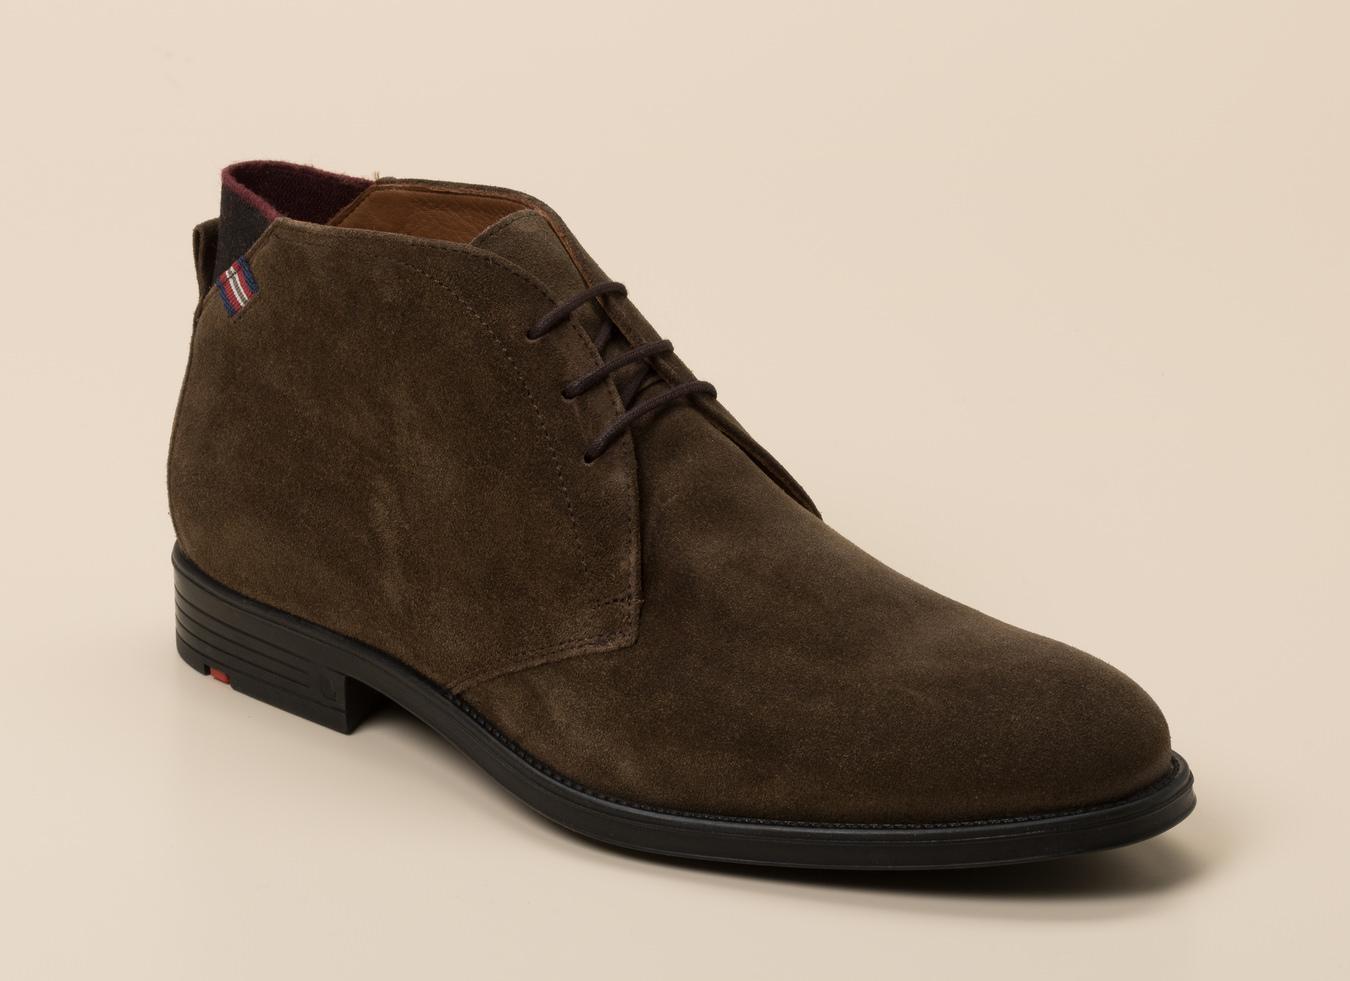 100% Qualität bekannte Marke Tiefstpreis desert boots braun